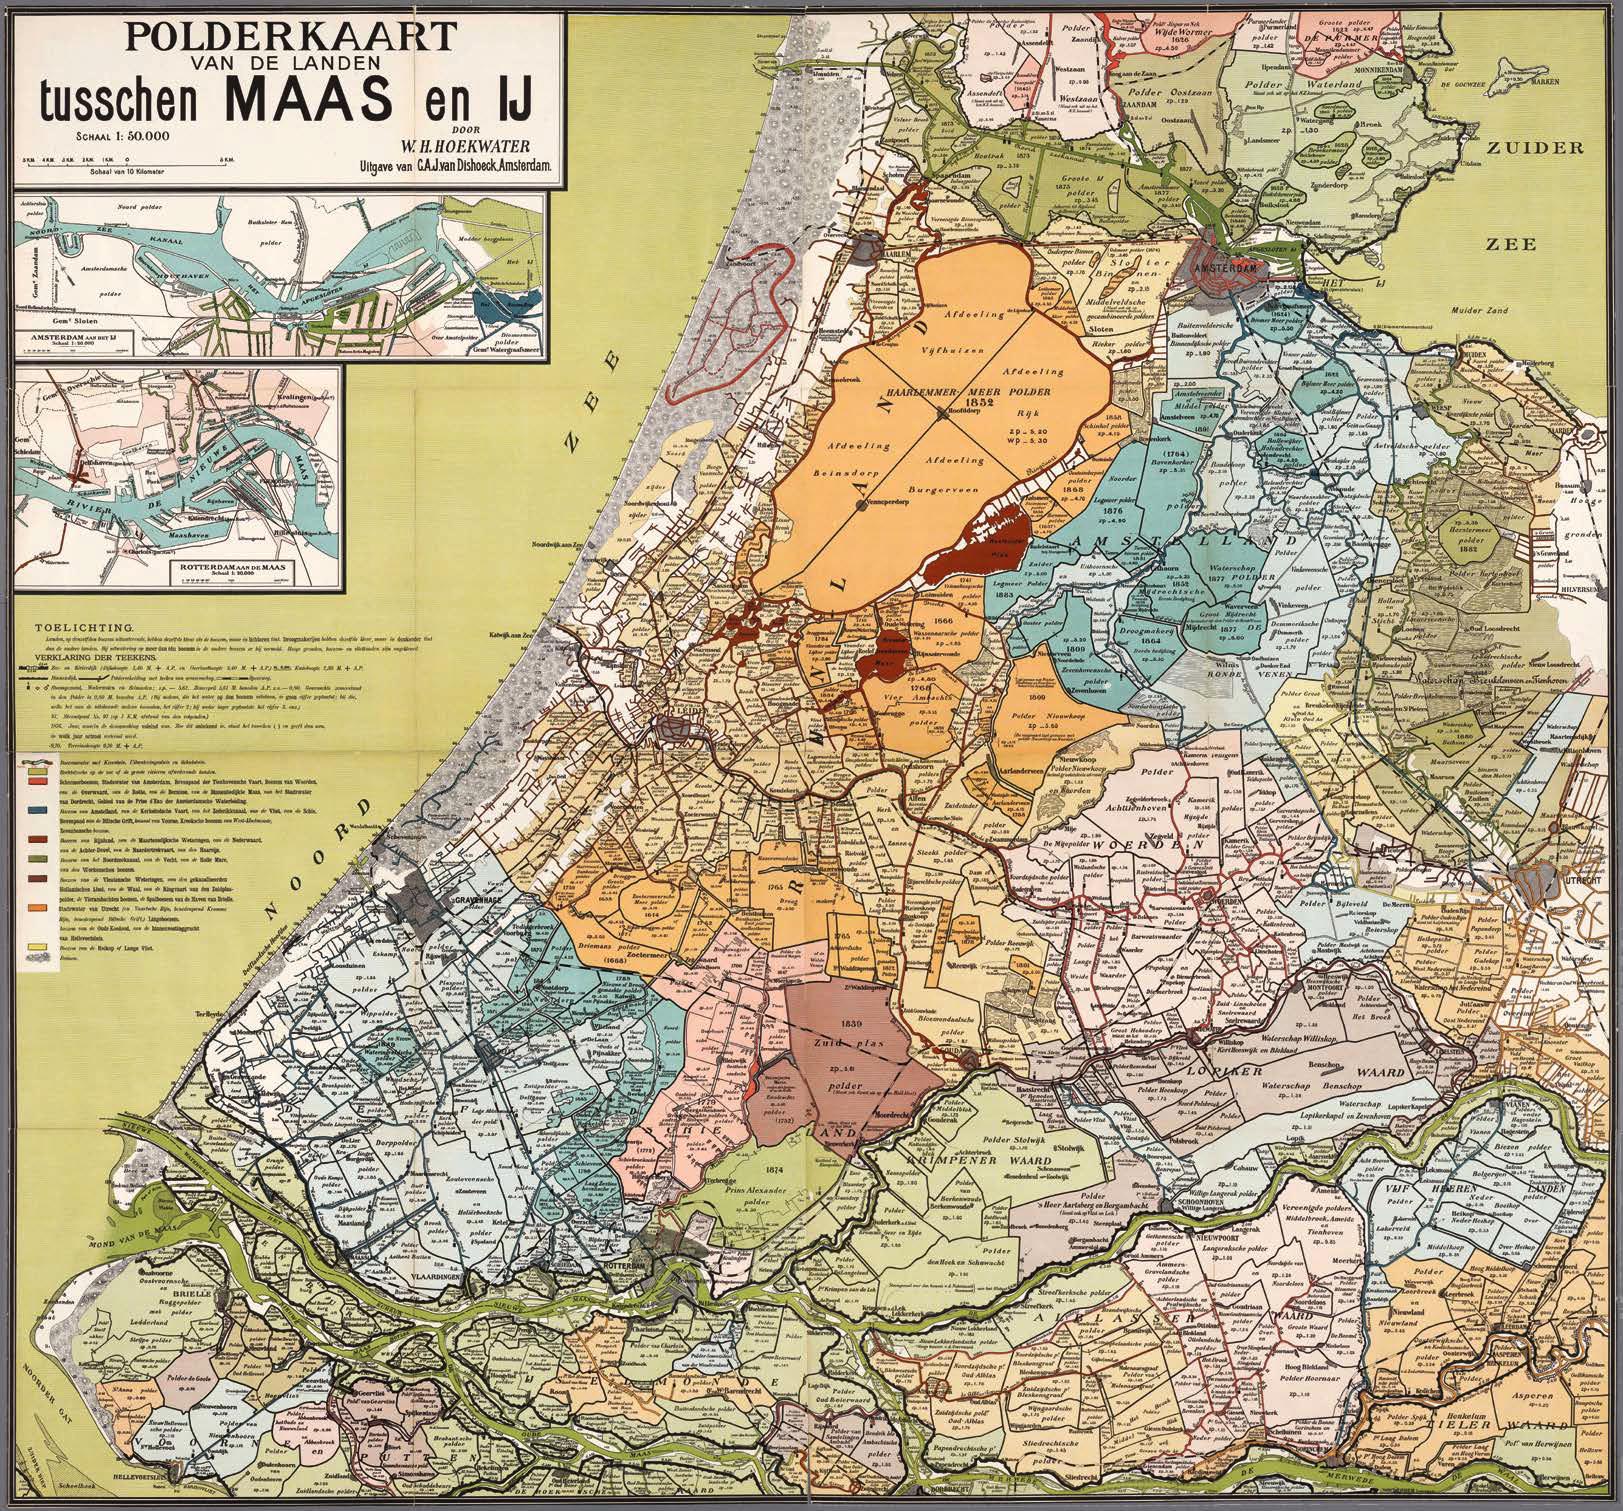 Polderkaart van de landen tusschen Maas en IJ door W.H. Hoekwater uit 1901